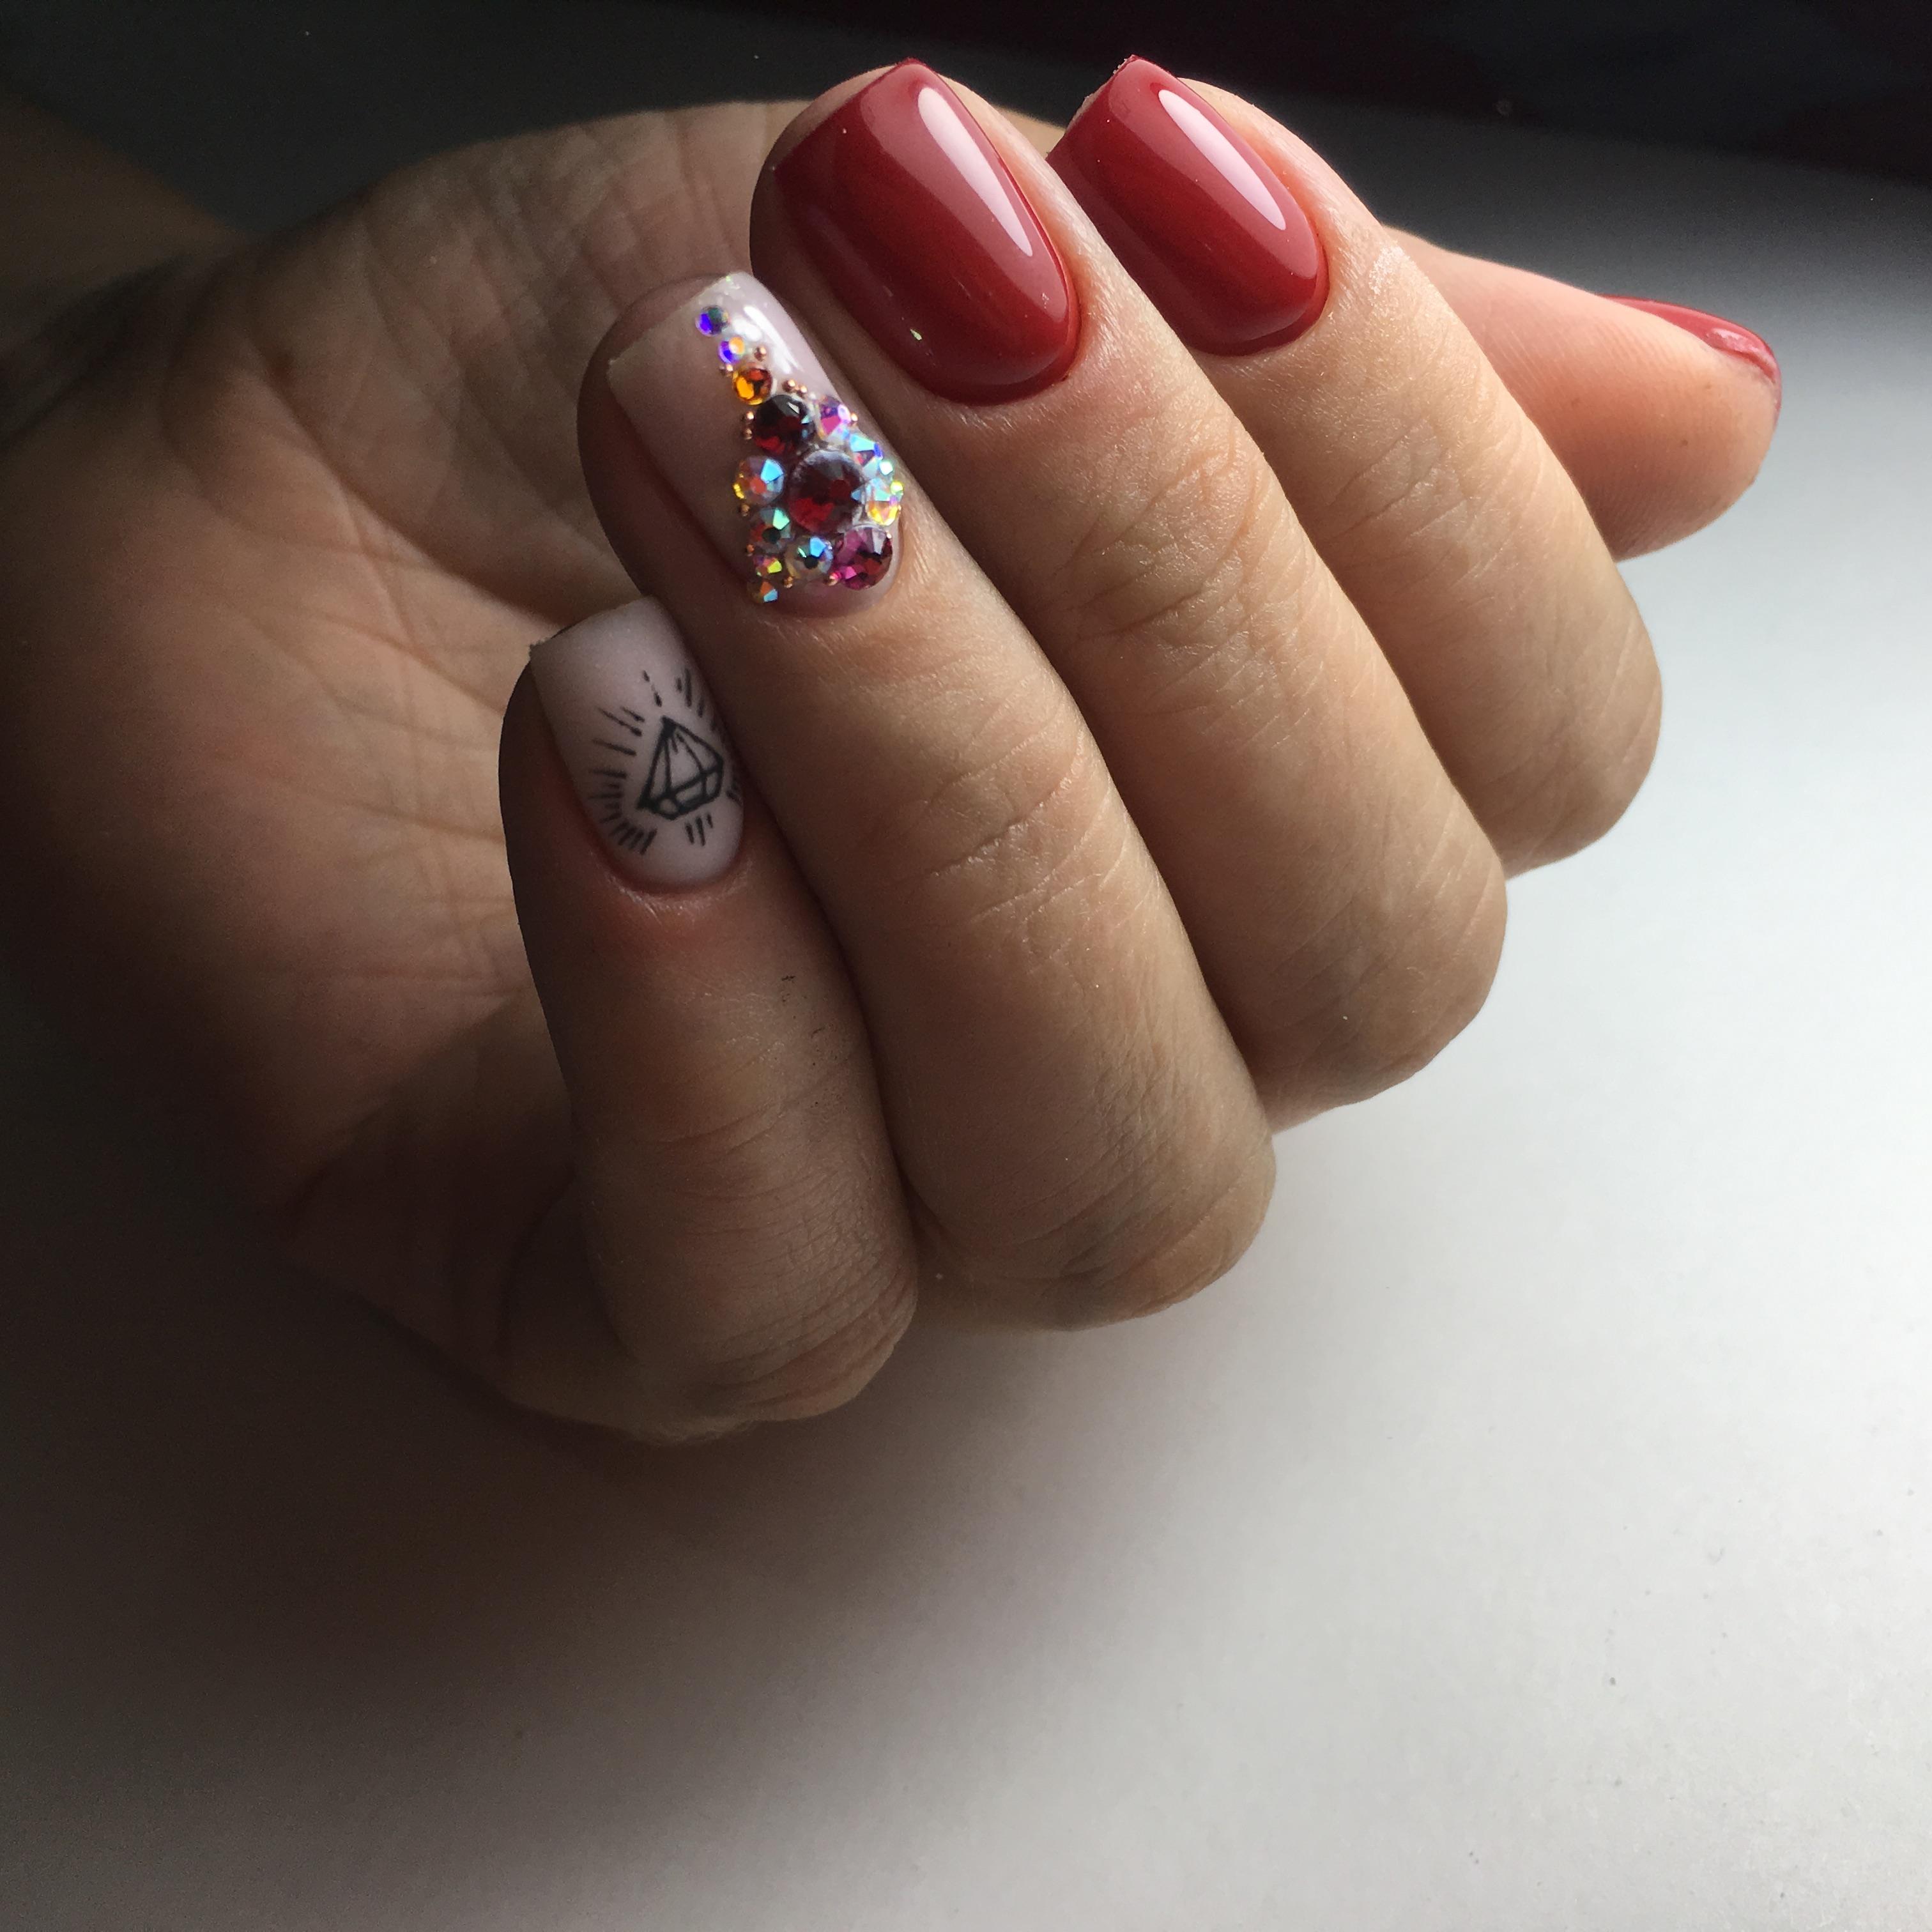 Маникюр в красном цвете с матовый дизайном, слайдерами и цветными стразами.